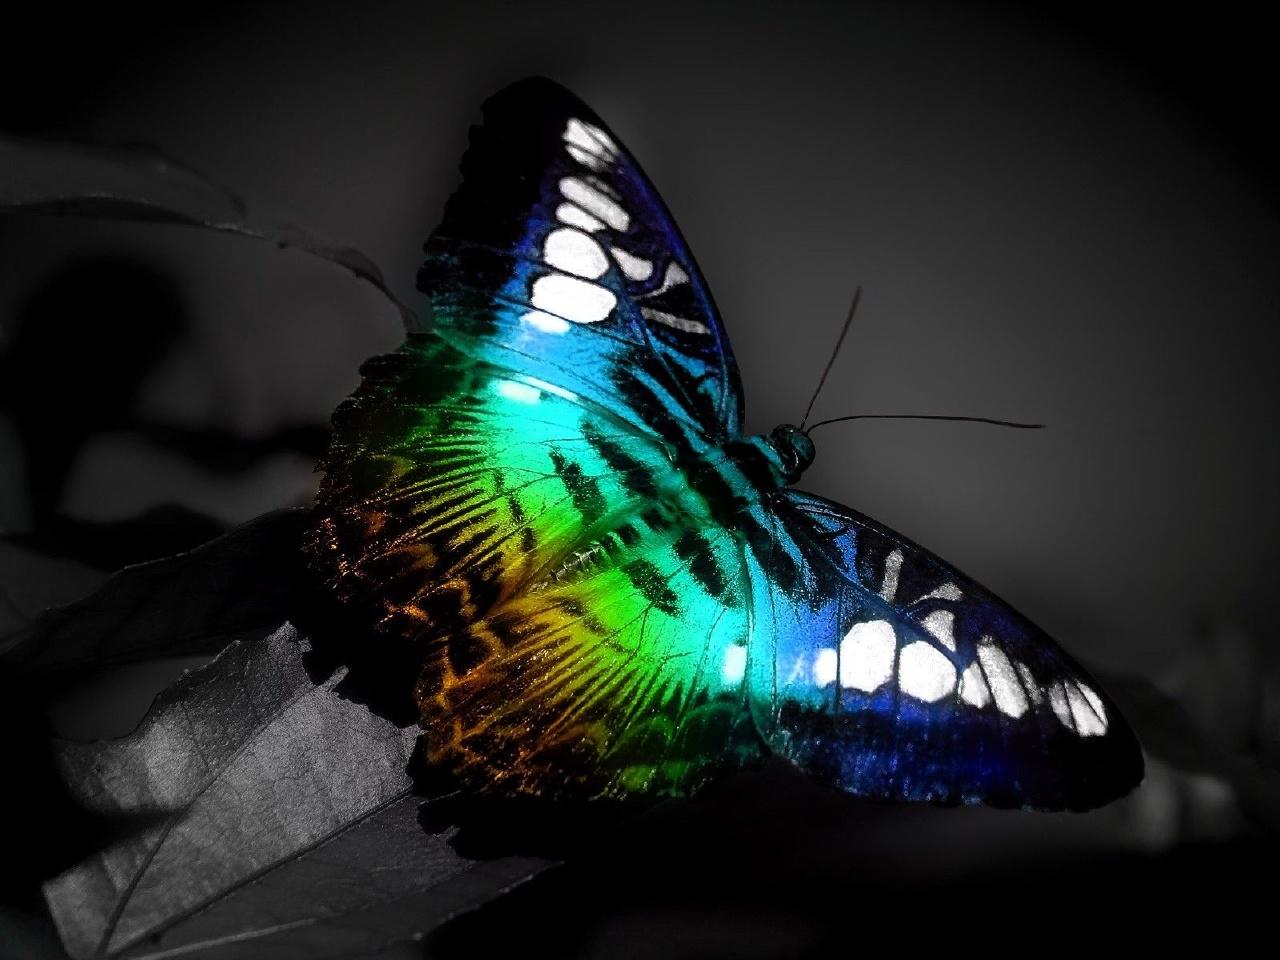 радужная бабочка на серо-черном фоне, скачать обои для рабочего стола